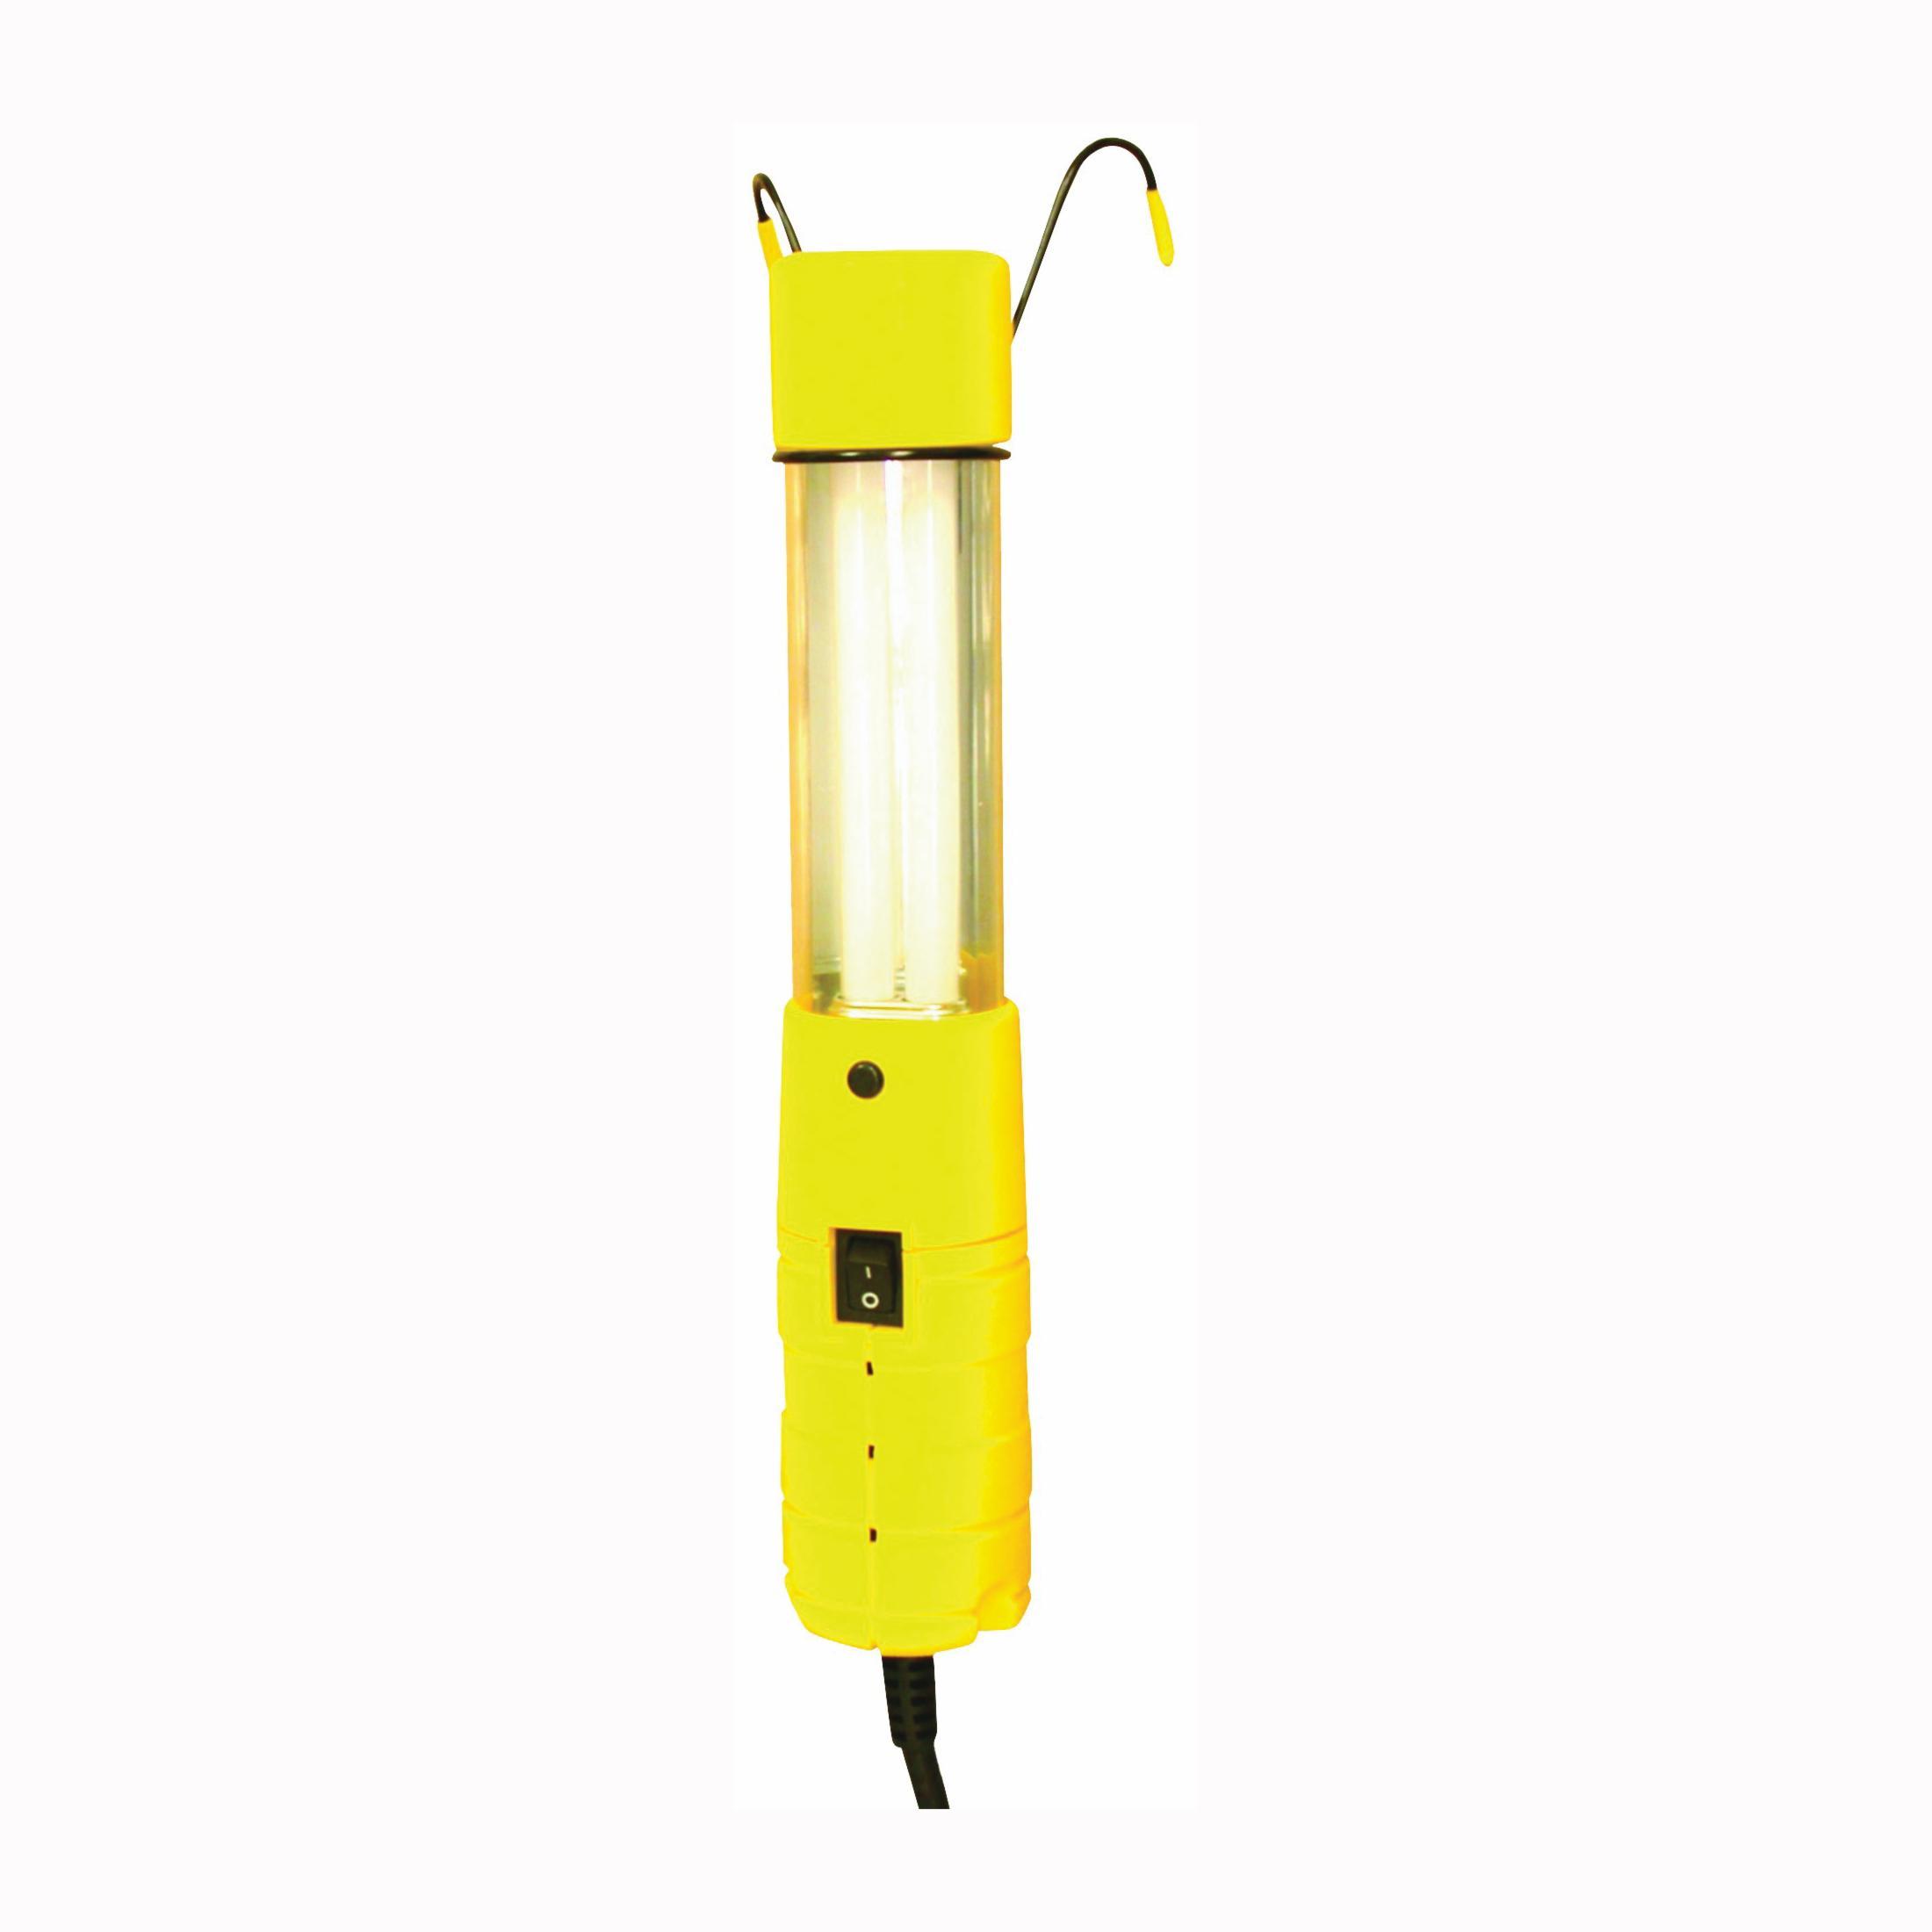 Powerzone ORTLPL220506